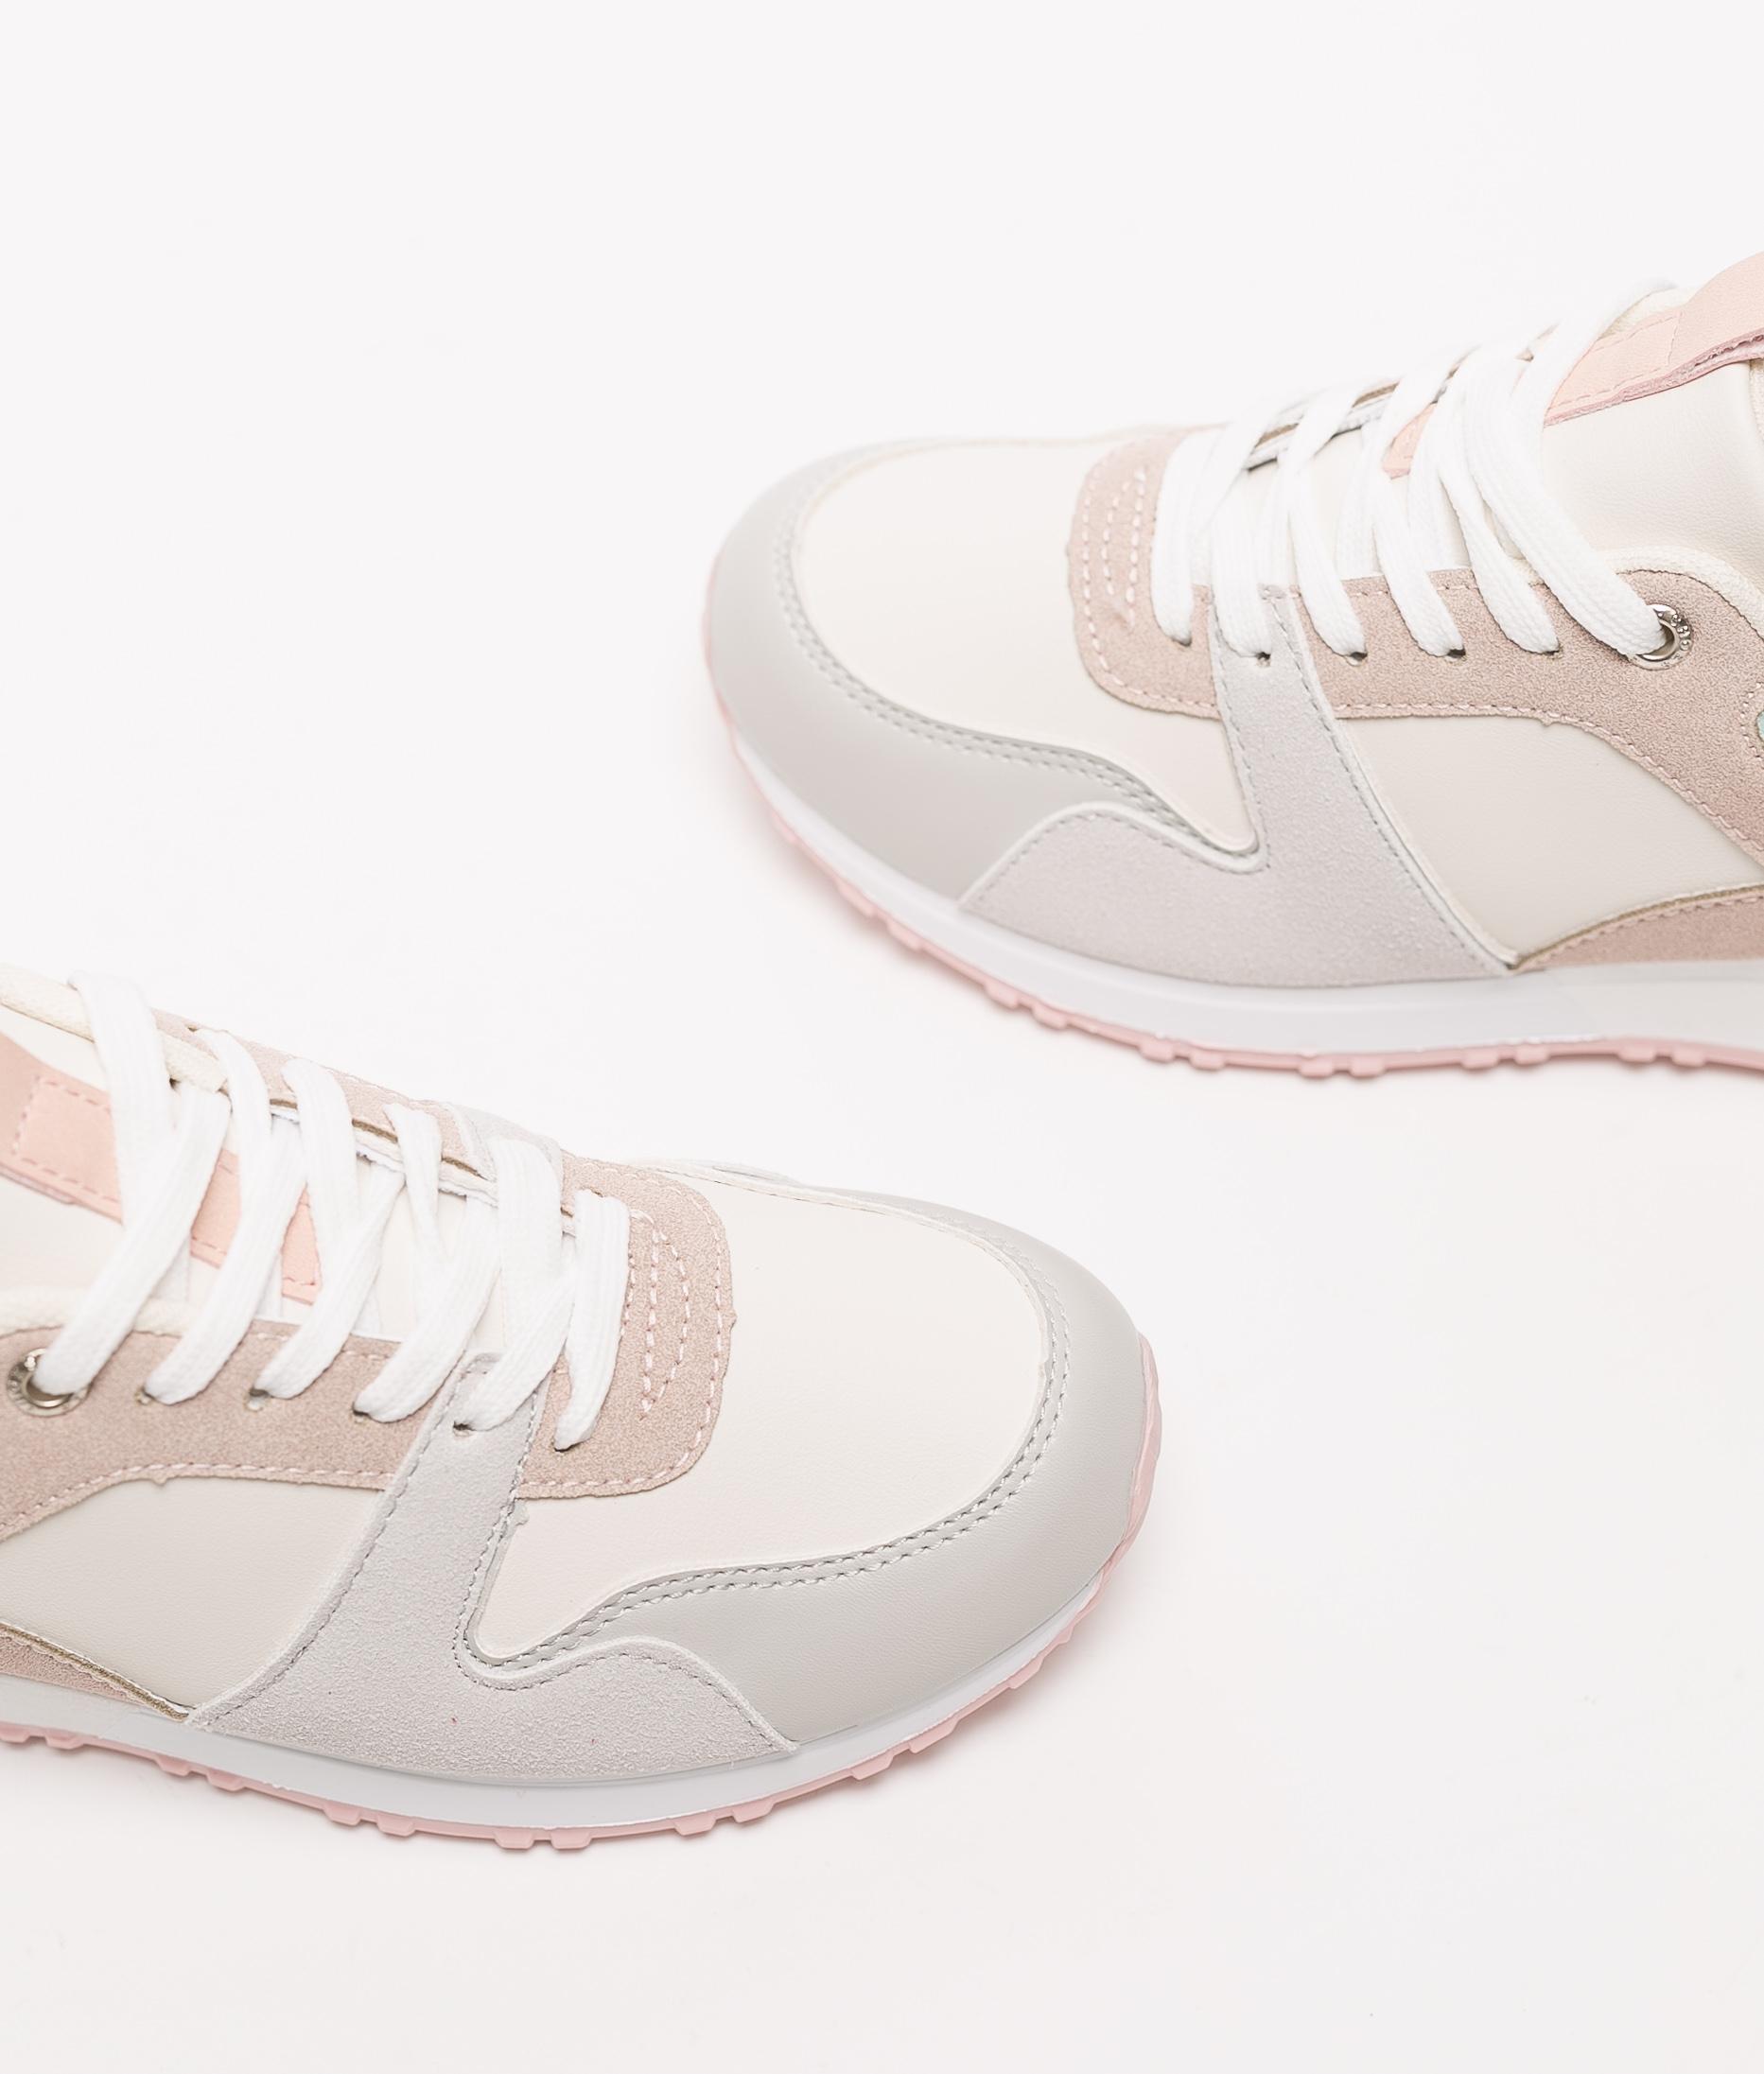 Sneakers Bekare - Grey/Red